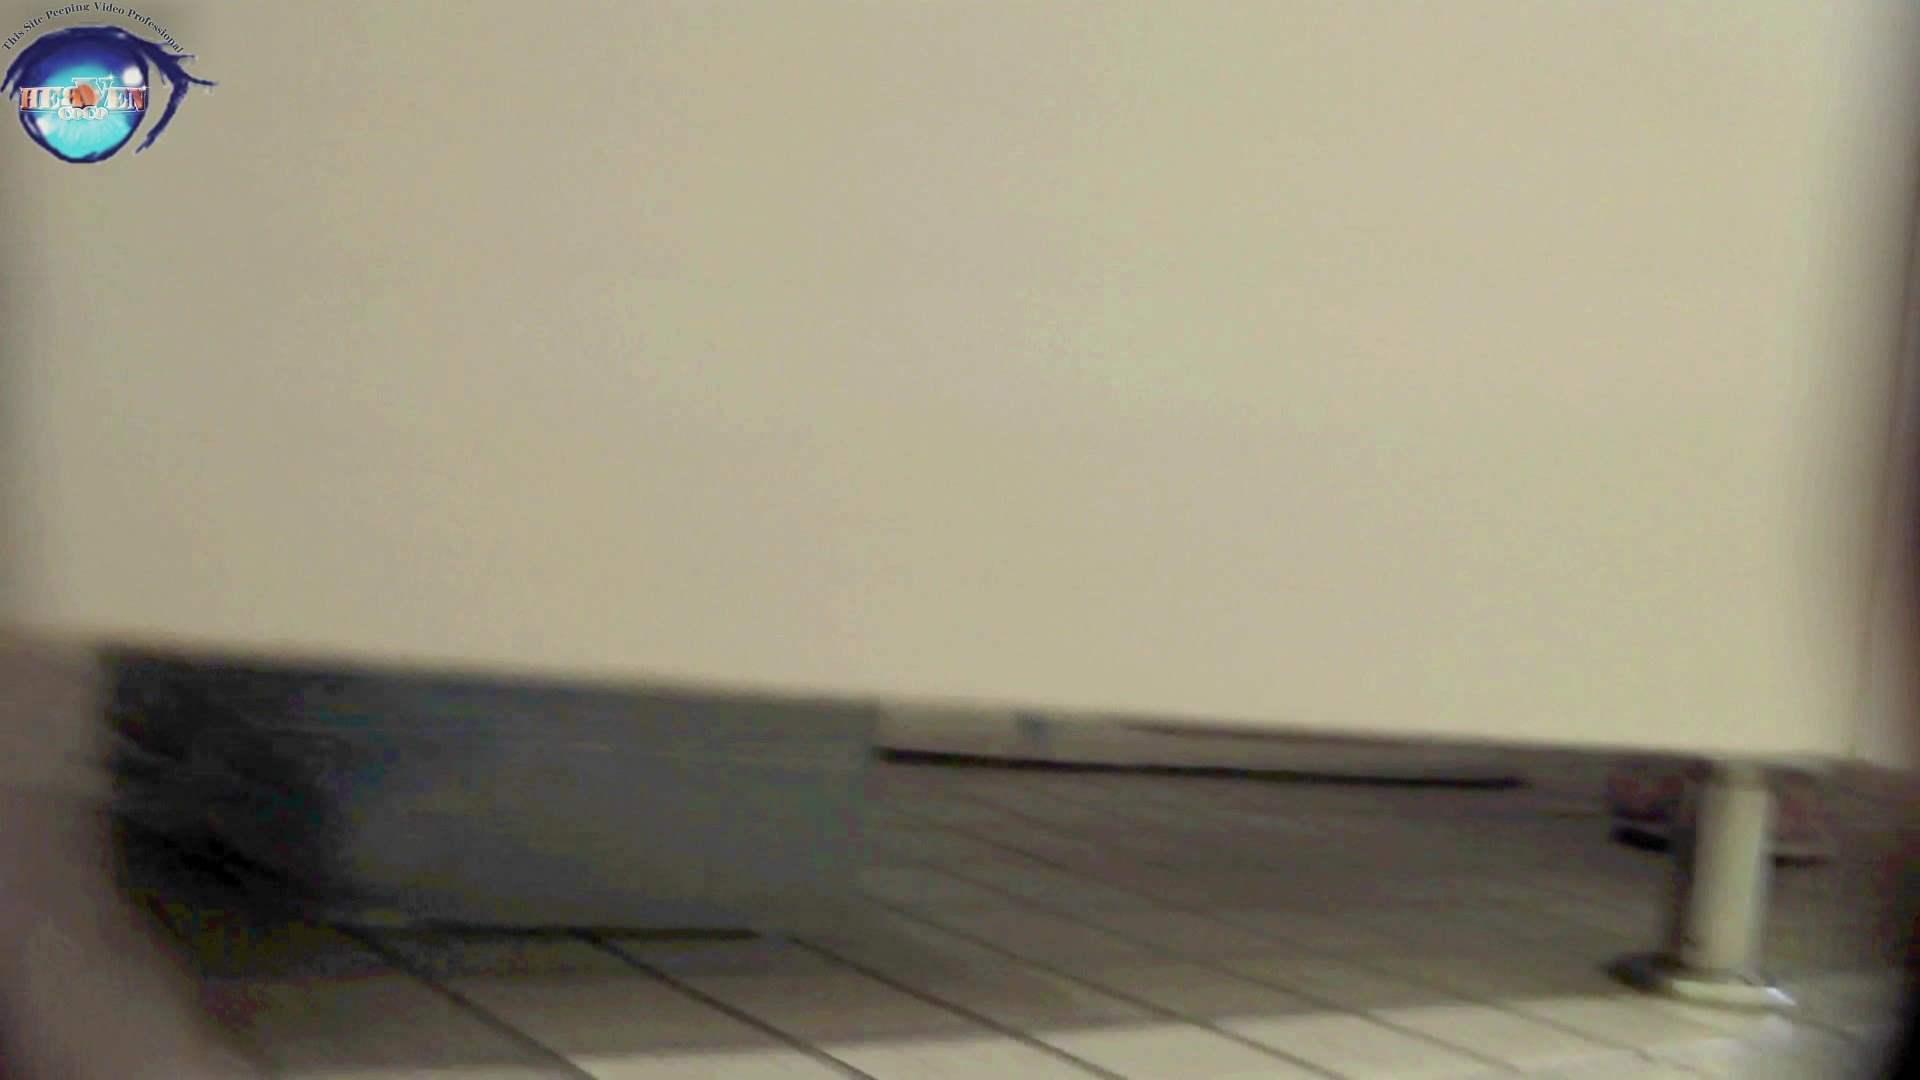 洗面所突入レポート!!お銀 vol.68 無謀に通路に飛び出て一番明るいフロント撮り実現 前編 洗面所編   0  86PIX 3